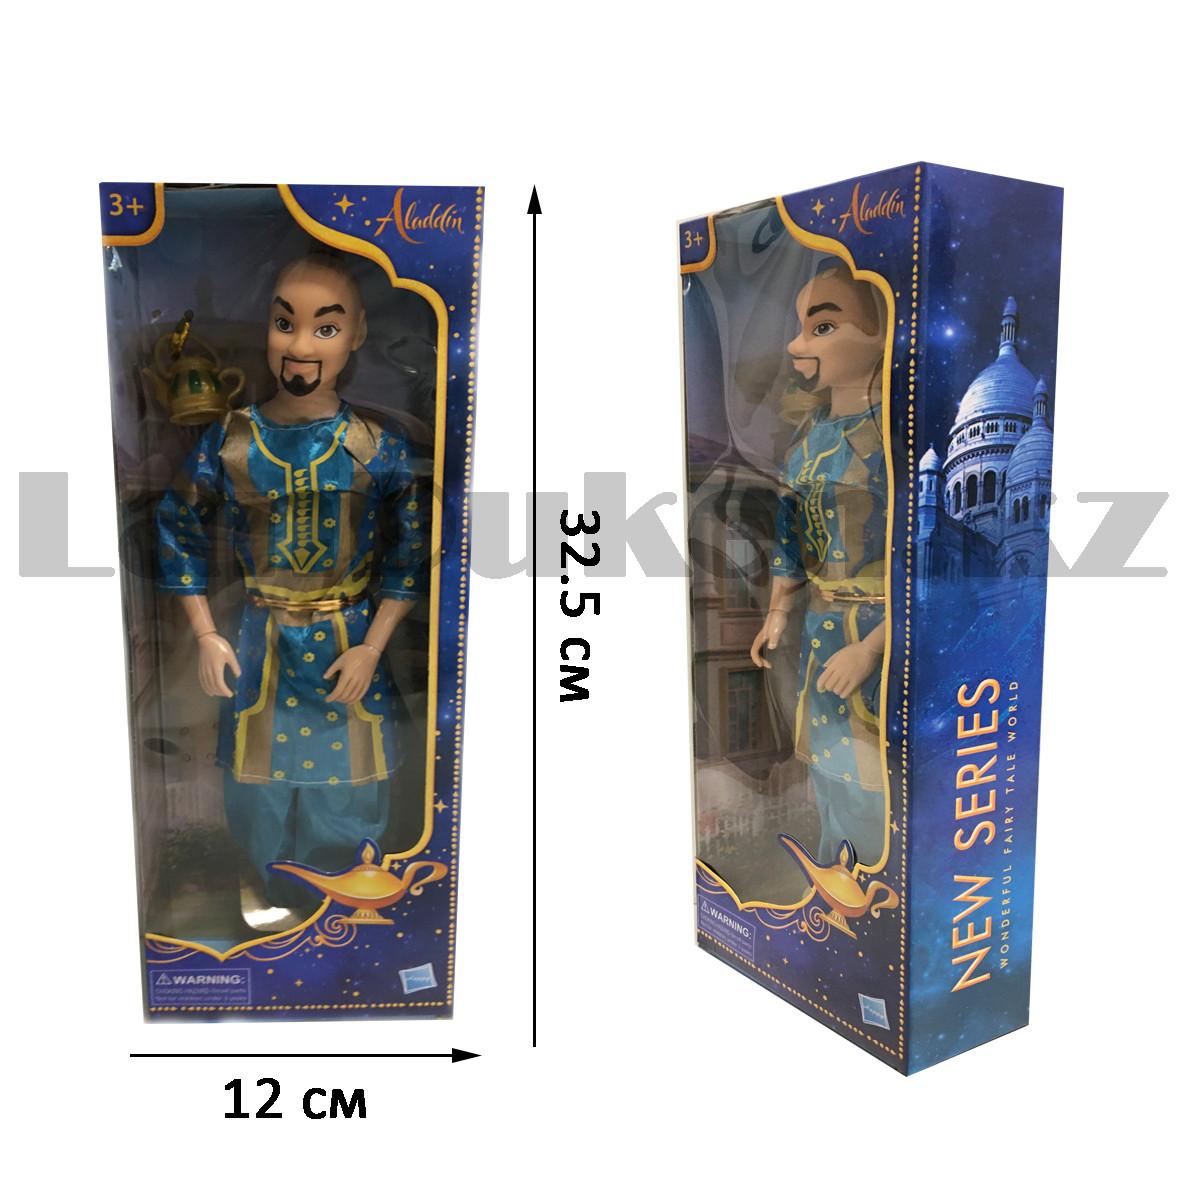 """Детская кукла """"Джин"""" (Аладдин) в картонной упаковке 30 см - фото 2"""